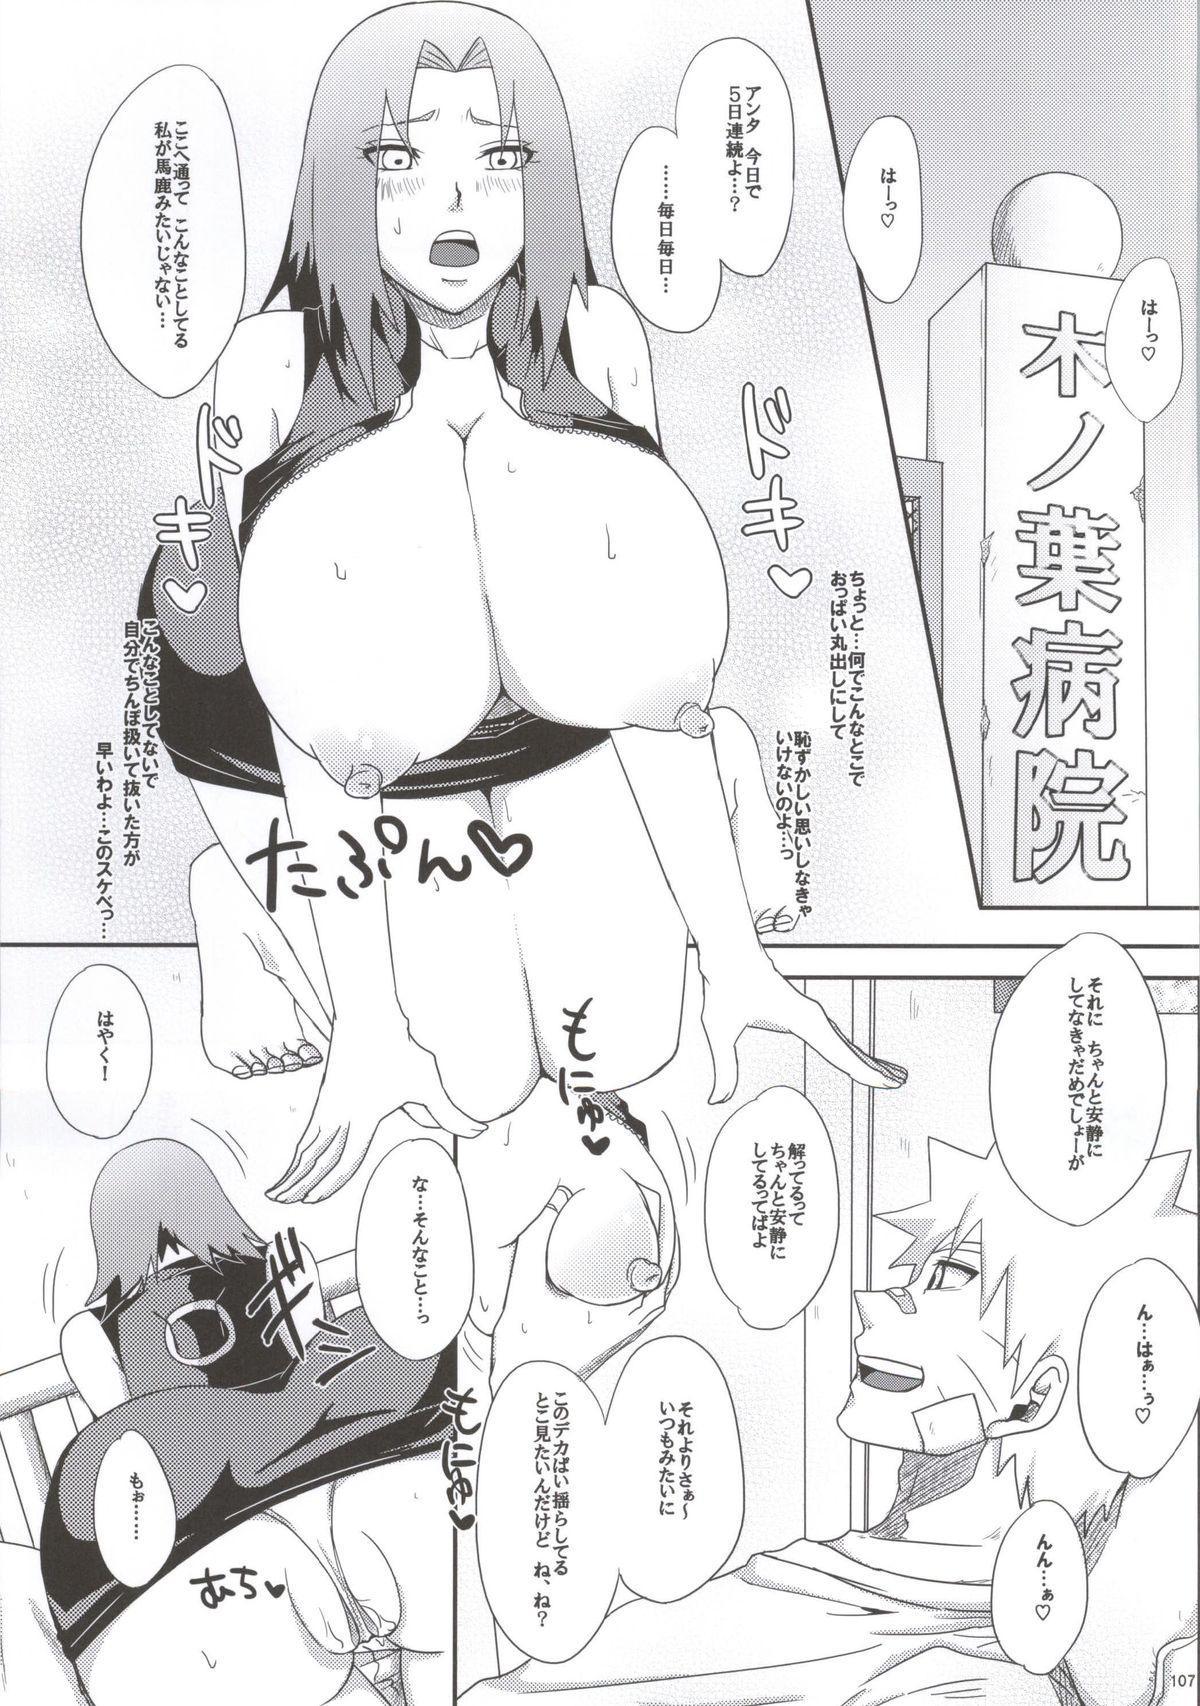 Shinobi no Kokoroe 105